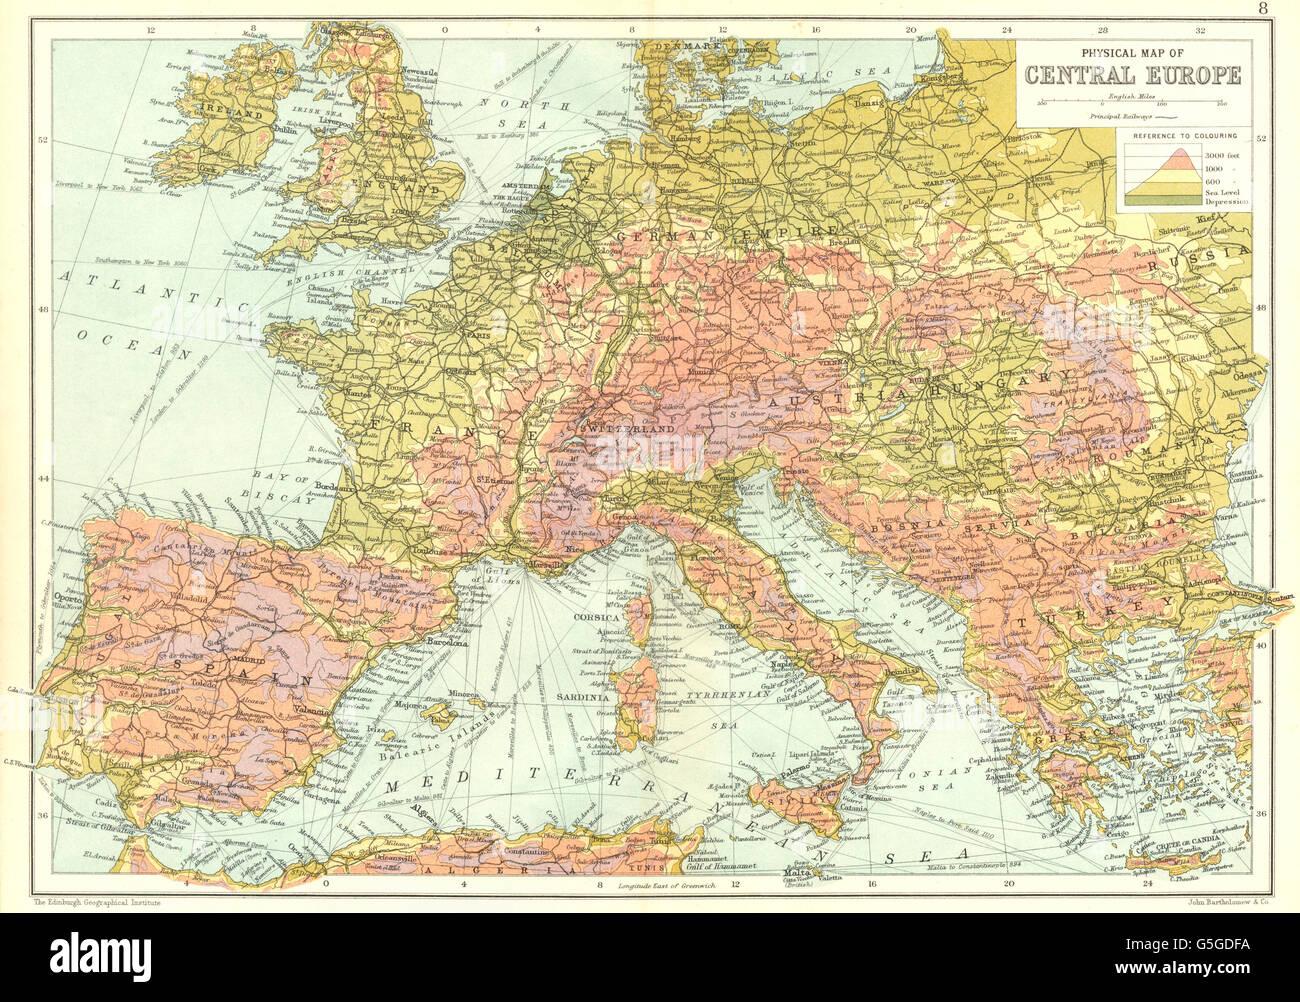 Europa Karte Physisch.Europa Physische Karte Von Mitteleuropa Höhe Höhe 1909 Stockfoto